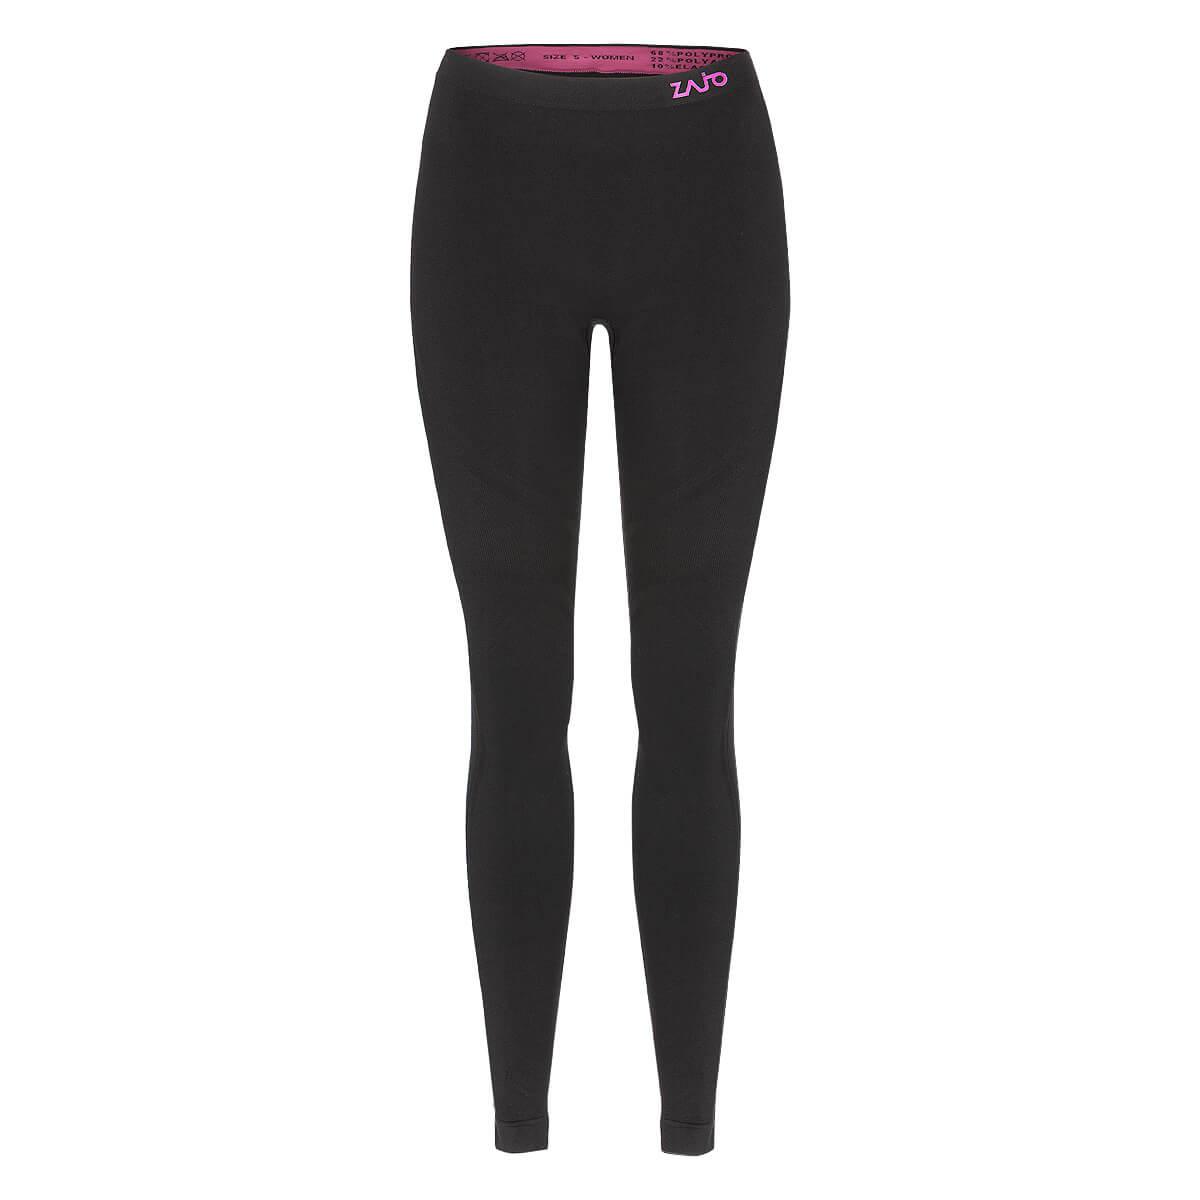 Dámske spodné prádlo Zajo Contour W Pants Black - veľkosť L